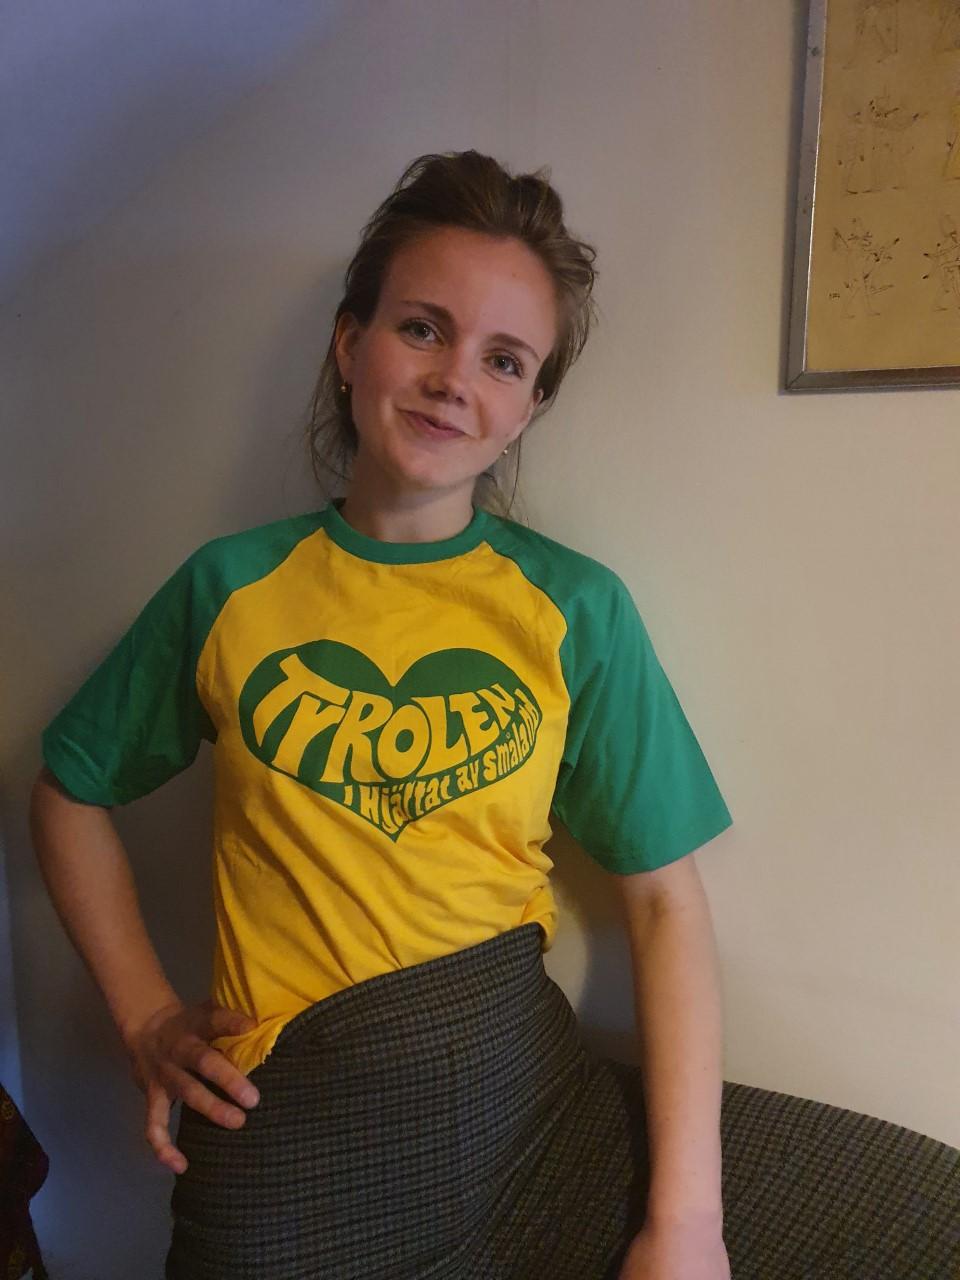 Tyrolen T-shirt Gul/Grön med Grönt tryck